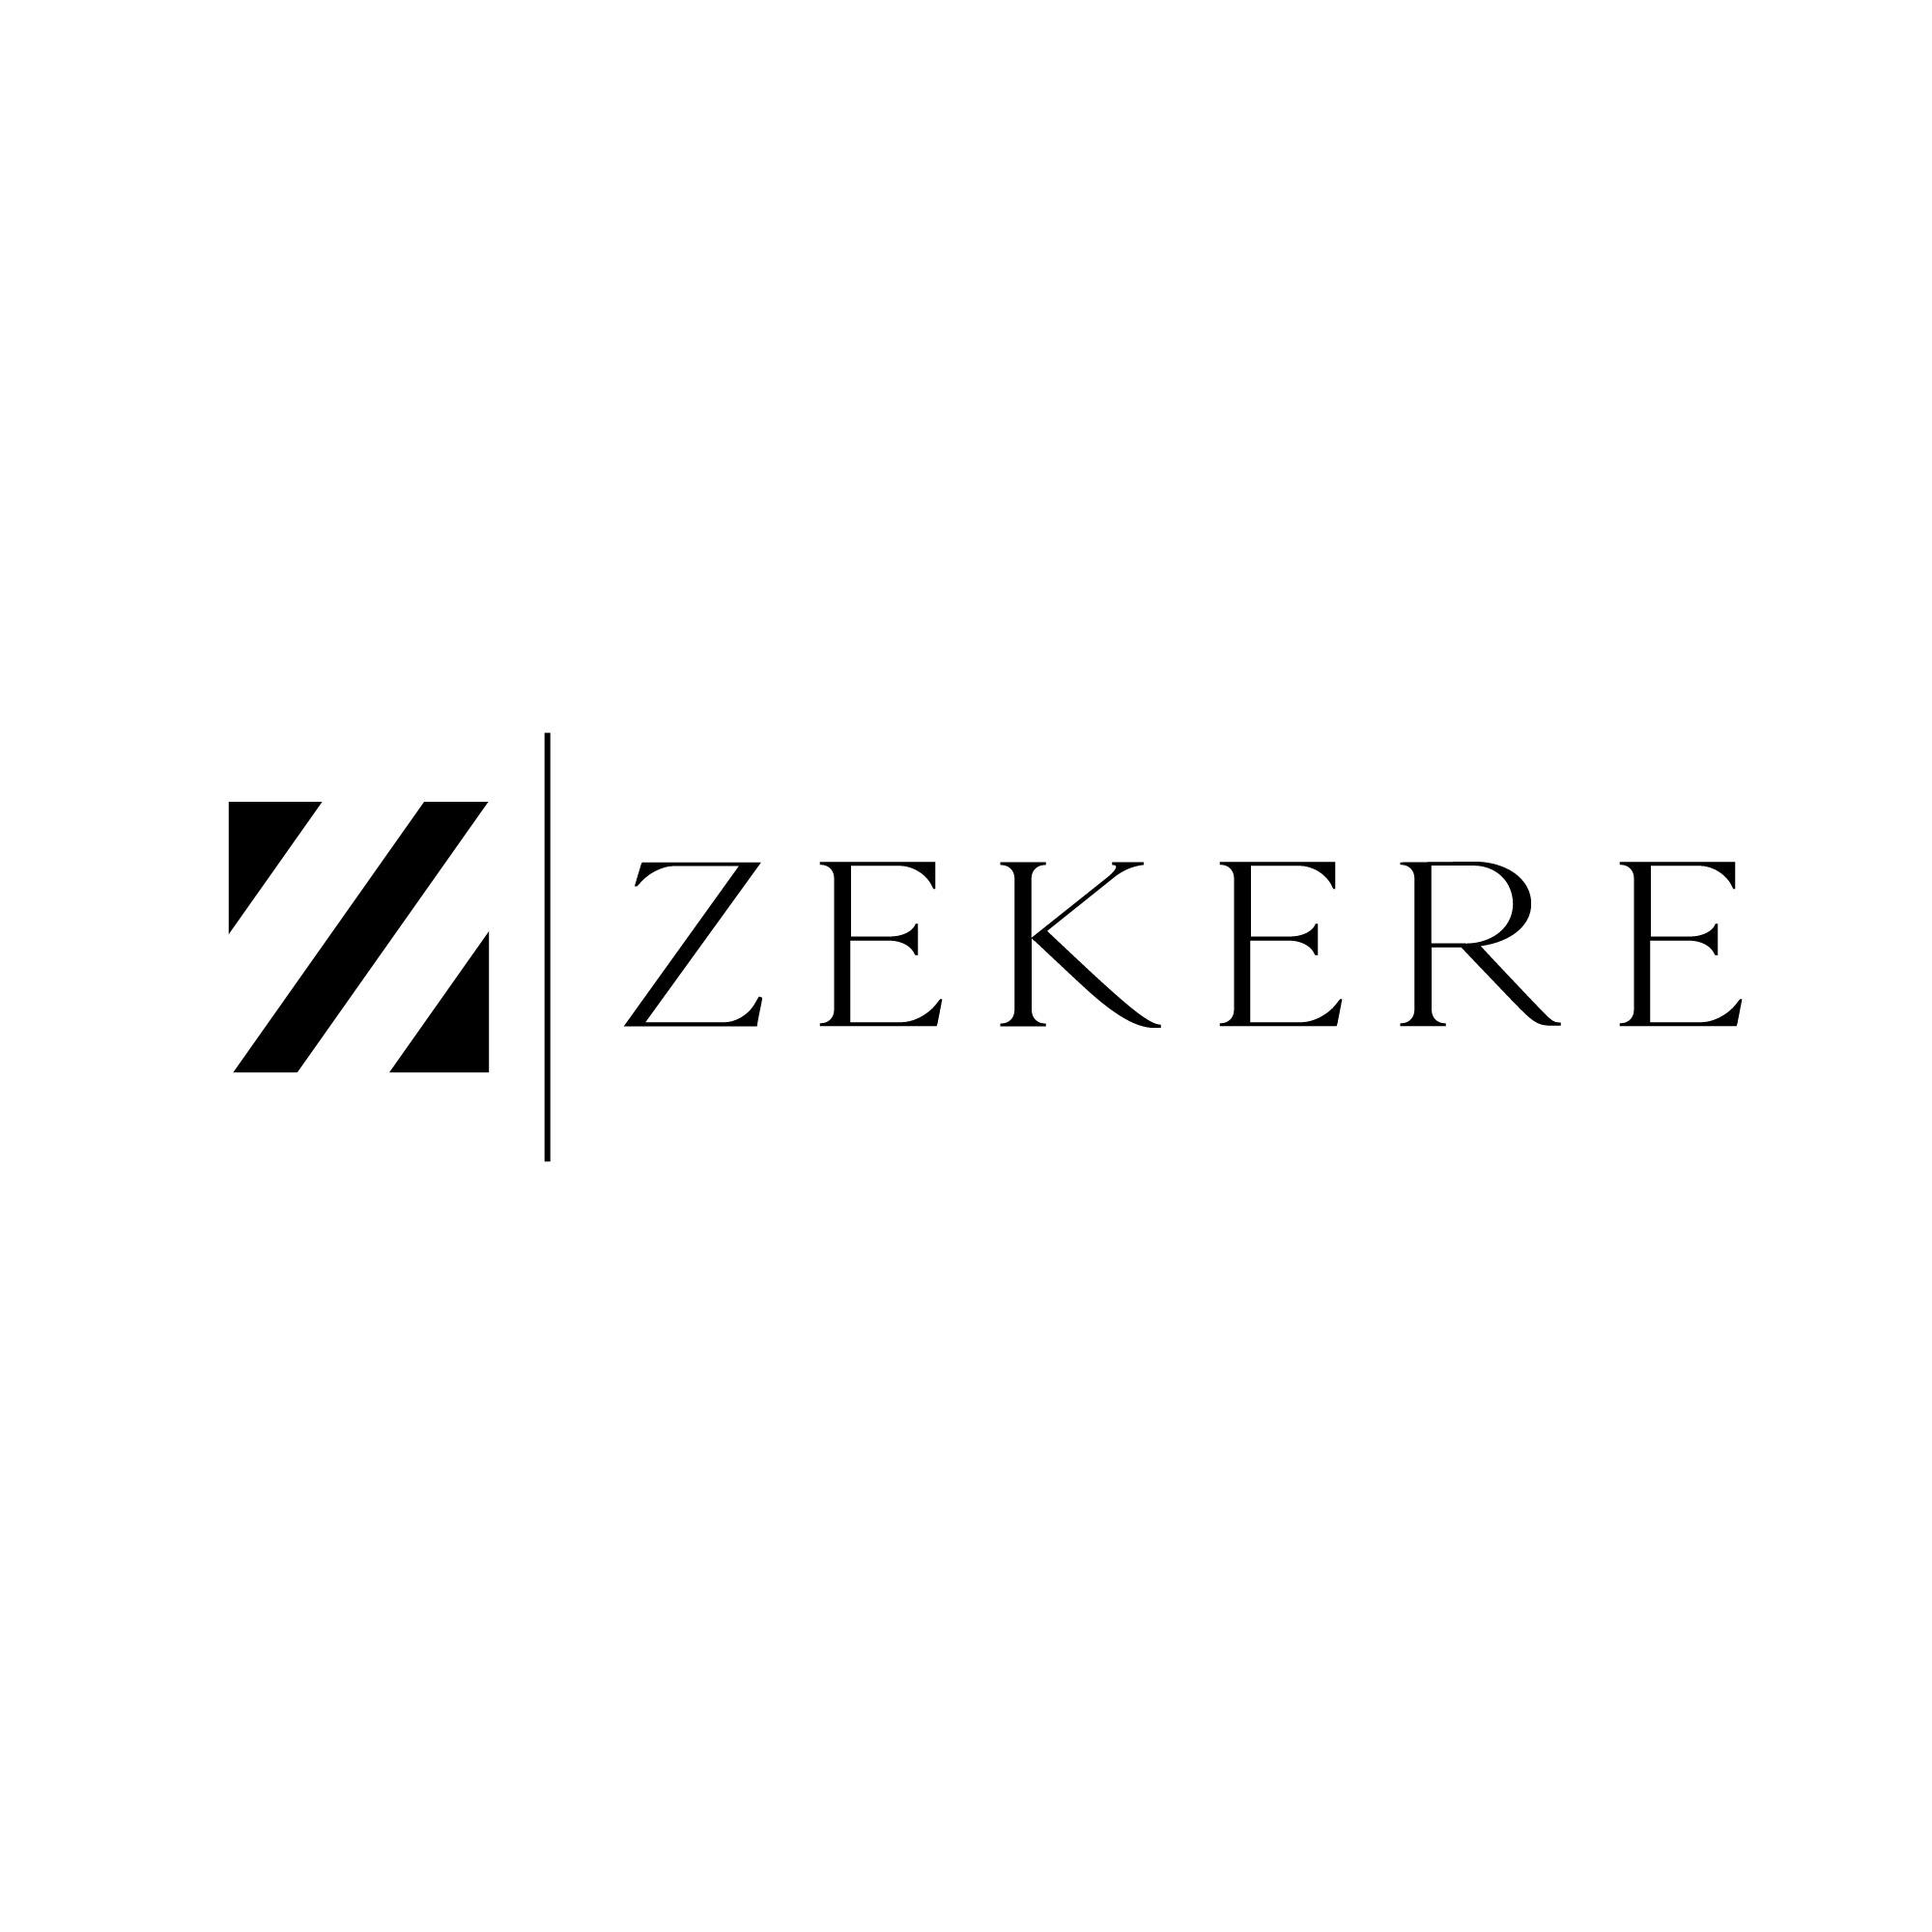 ZEKERE4 copy.jpg